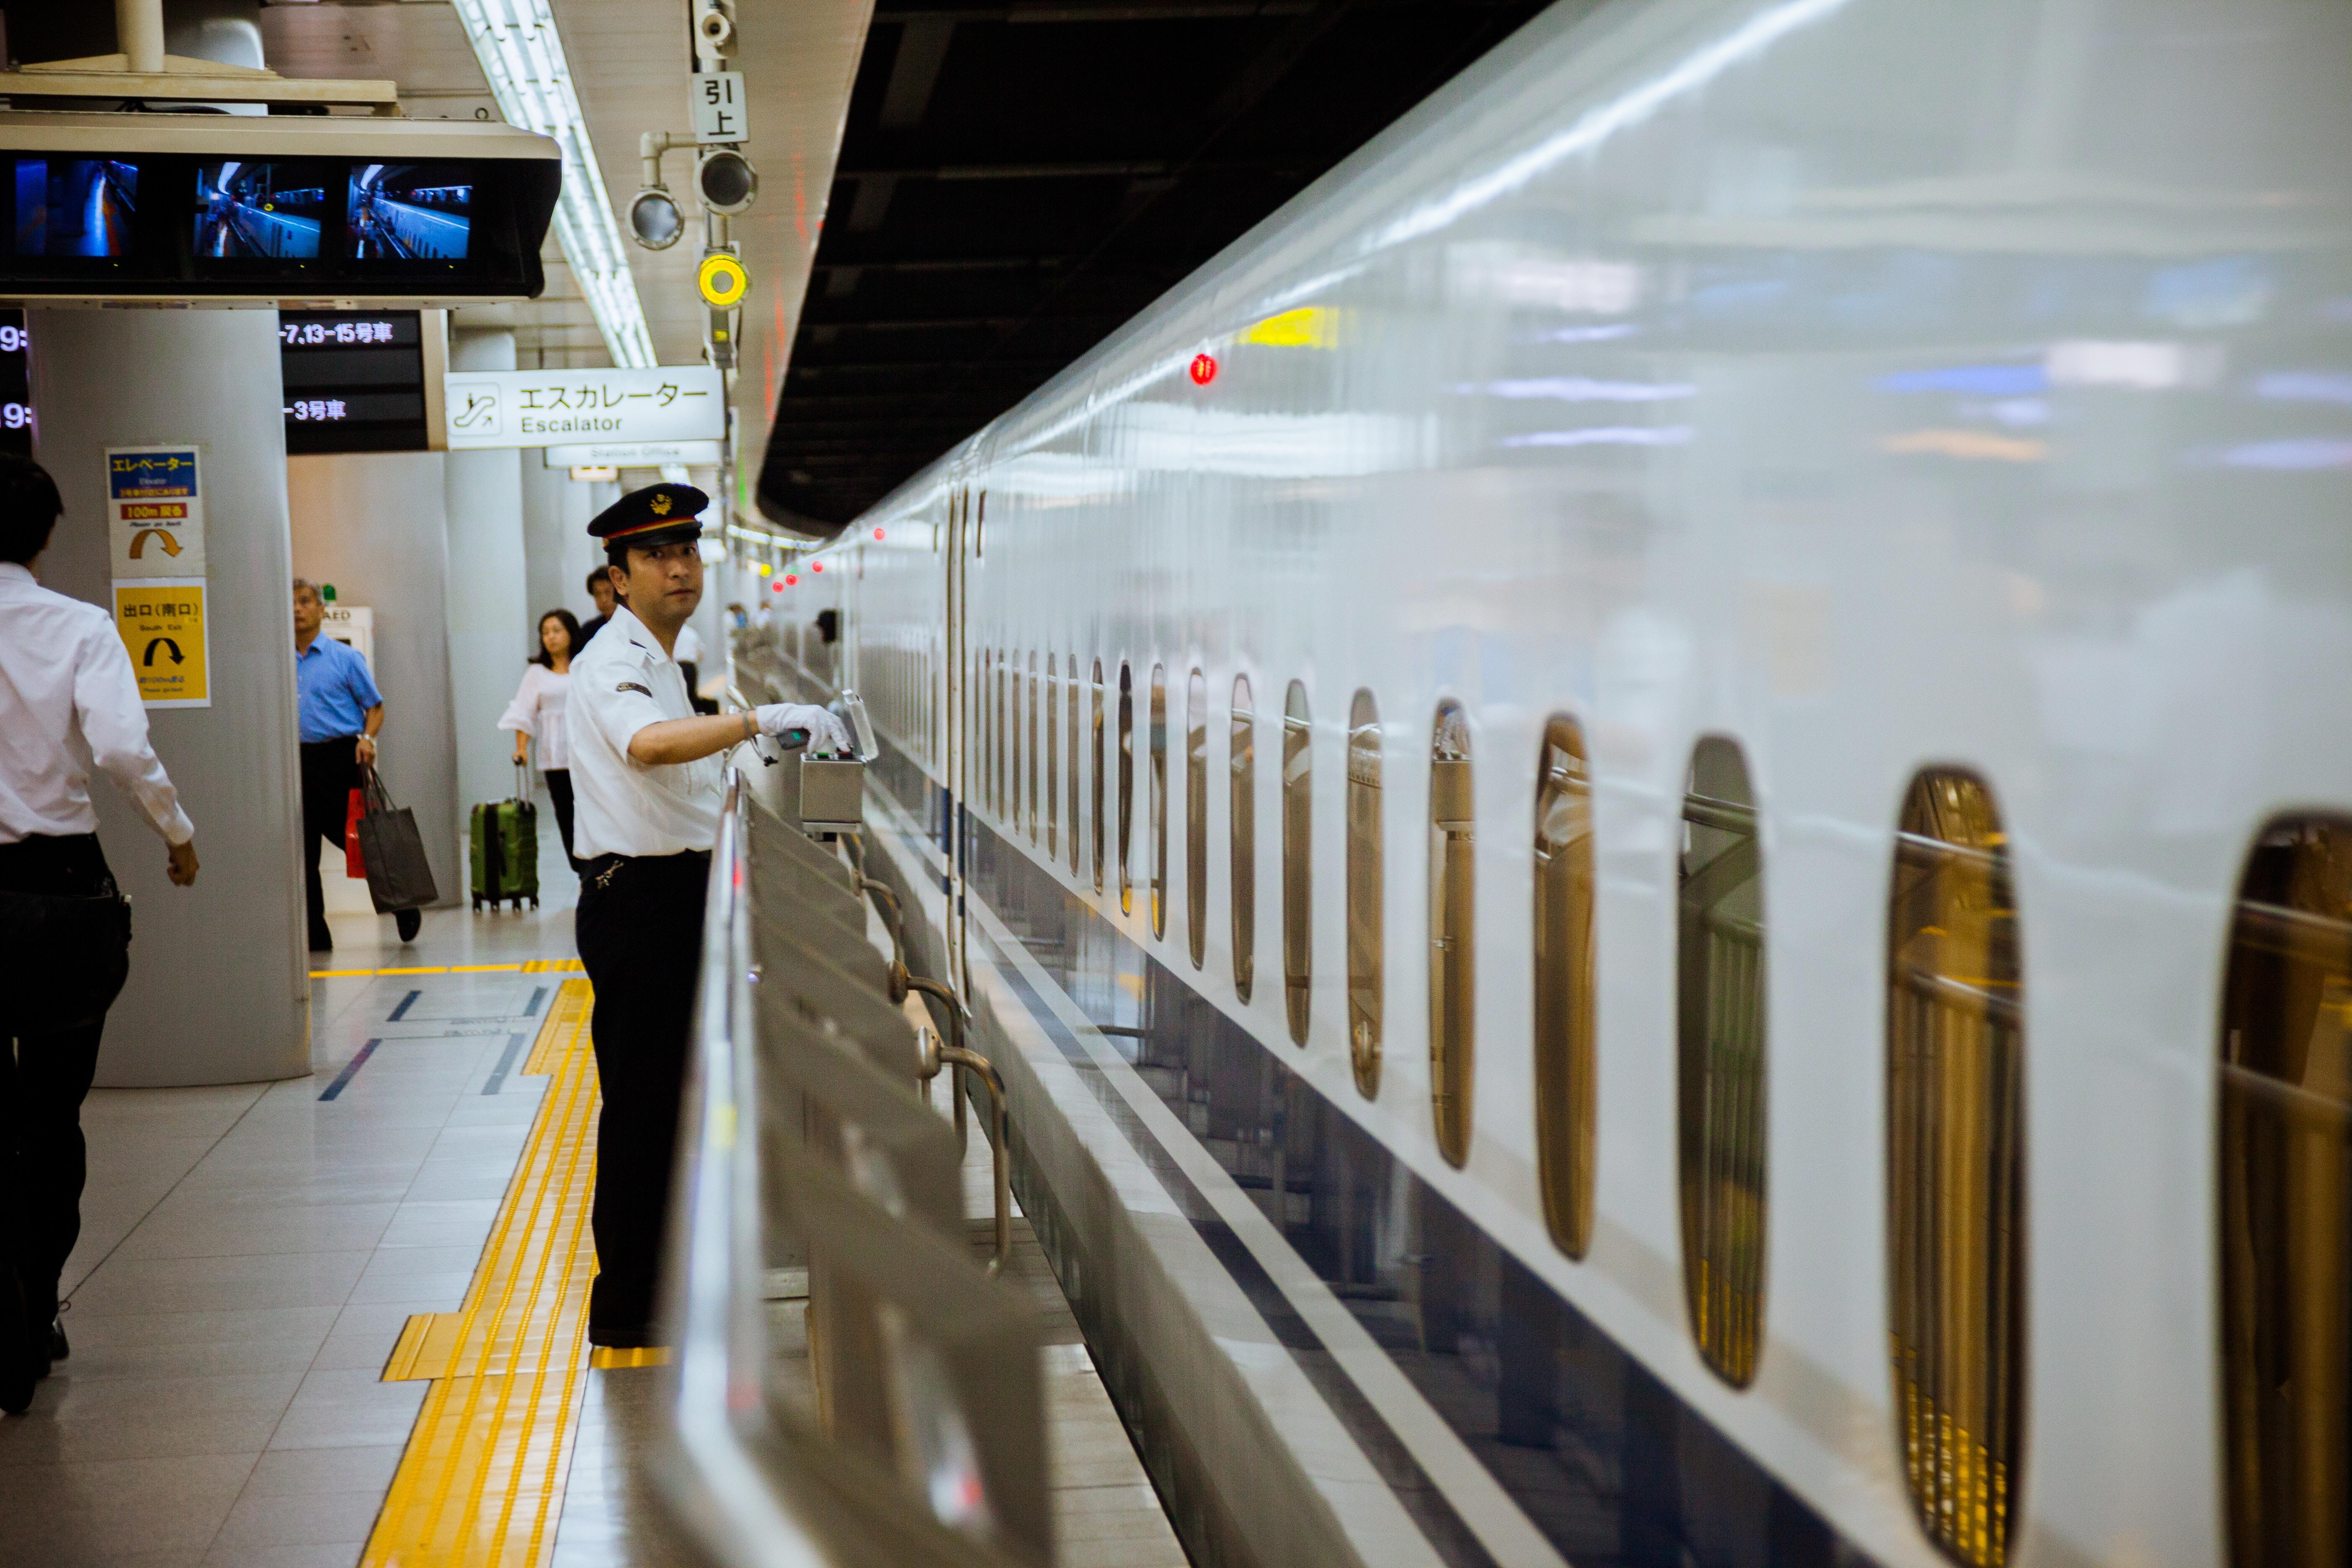 時間に正確な日本の電車